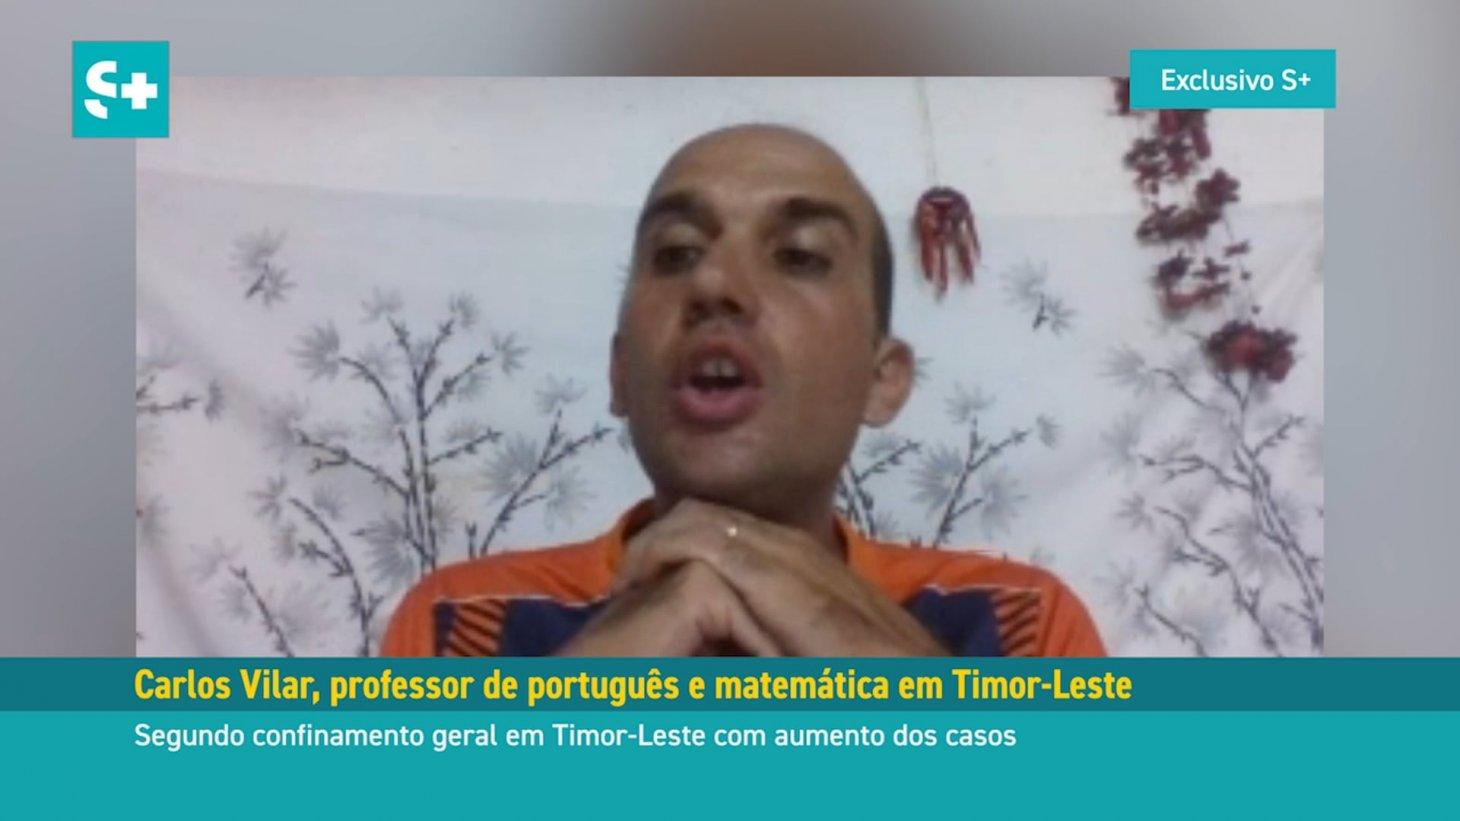 Carlos Vilar, professor de português em Timor-Leste #01